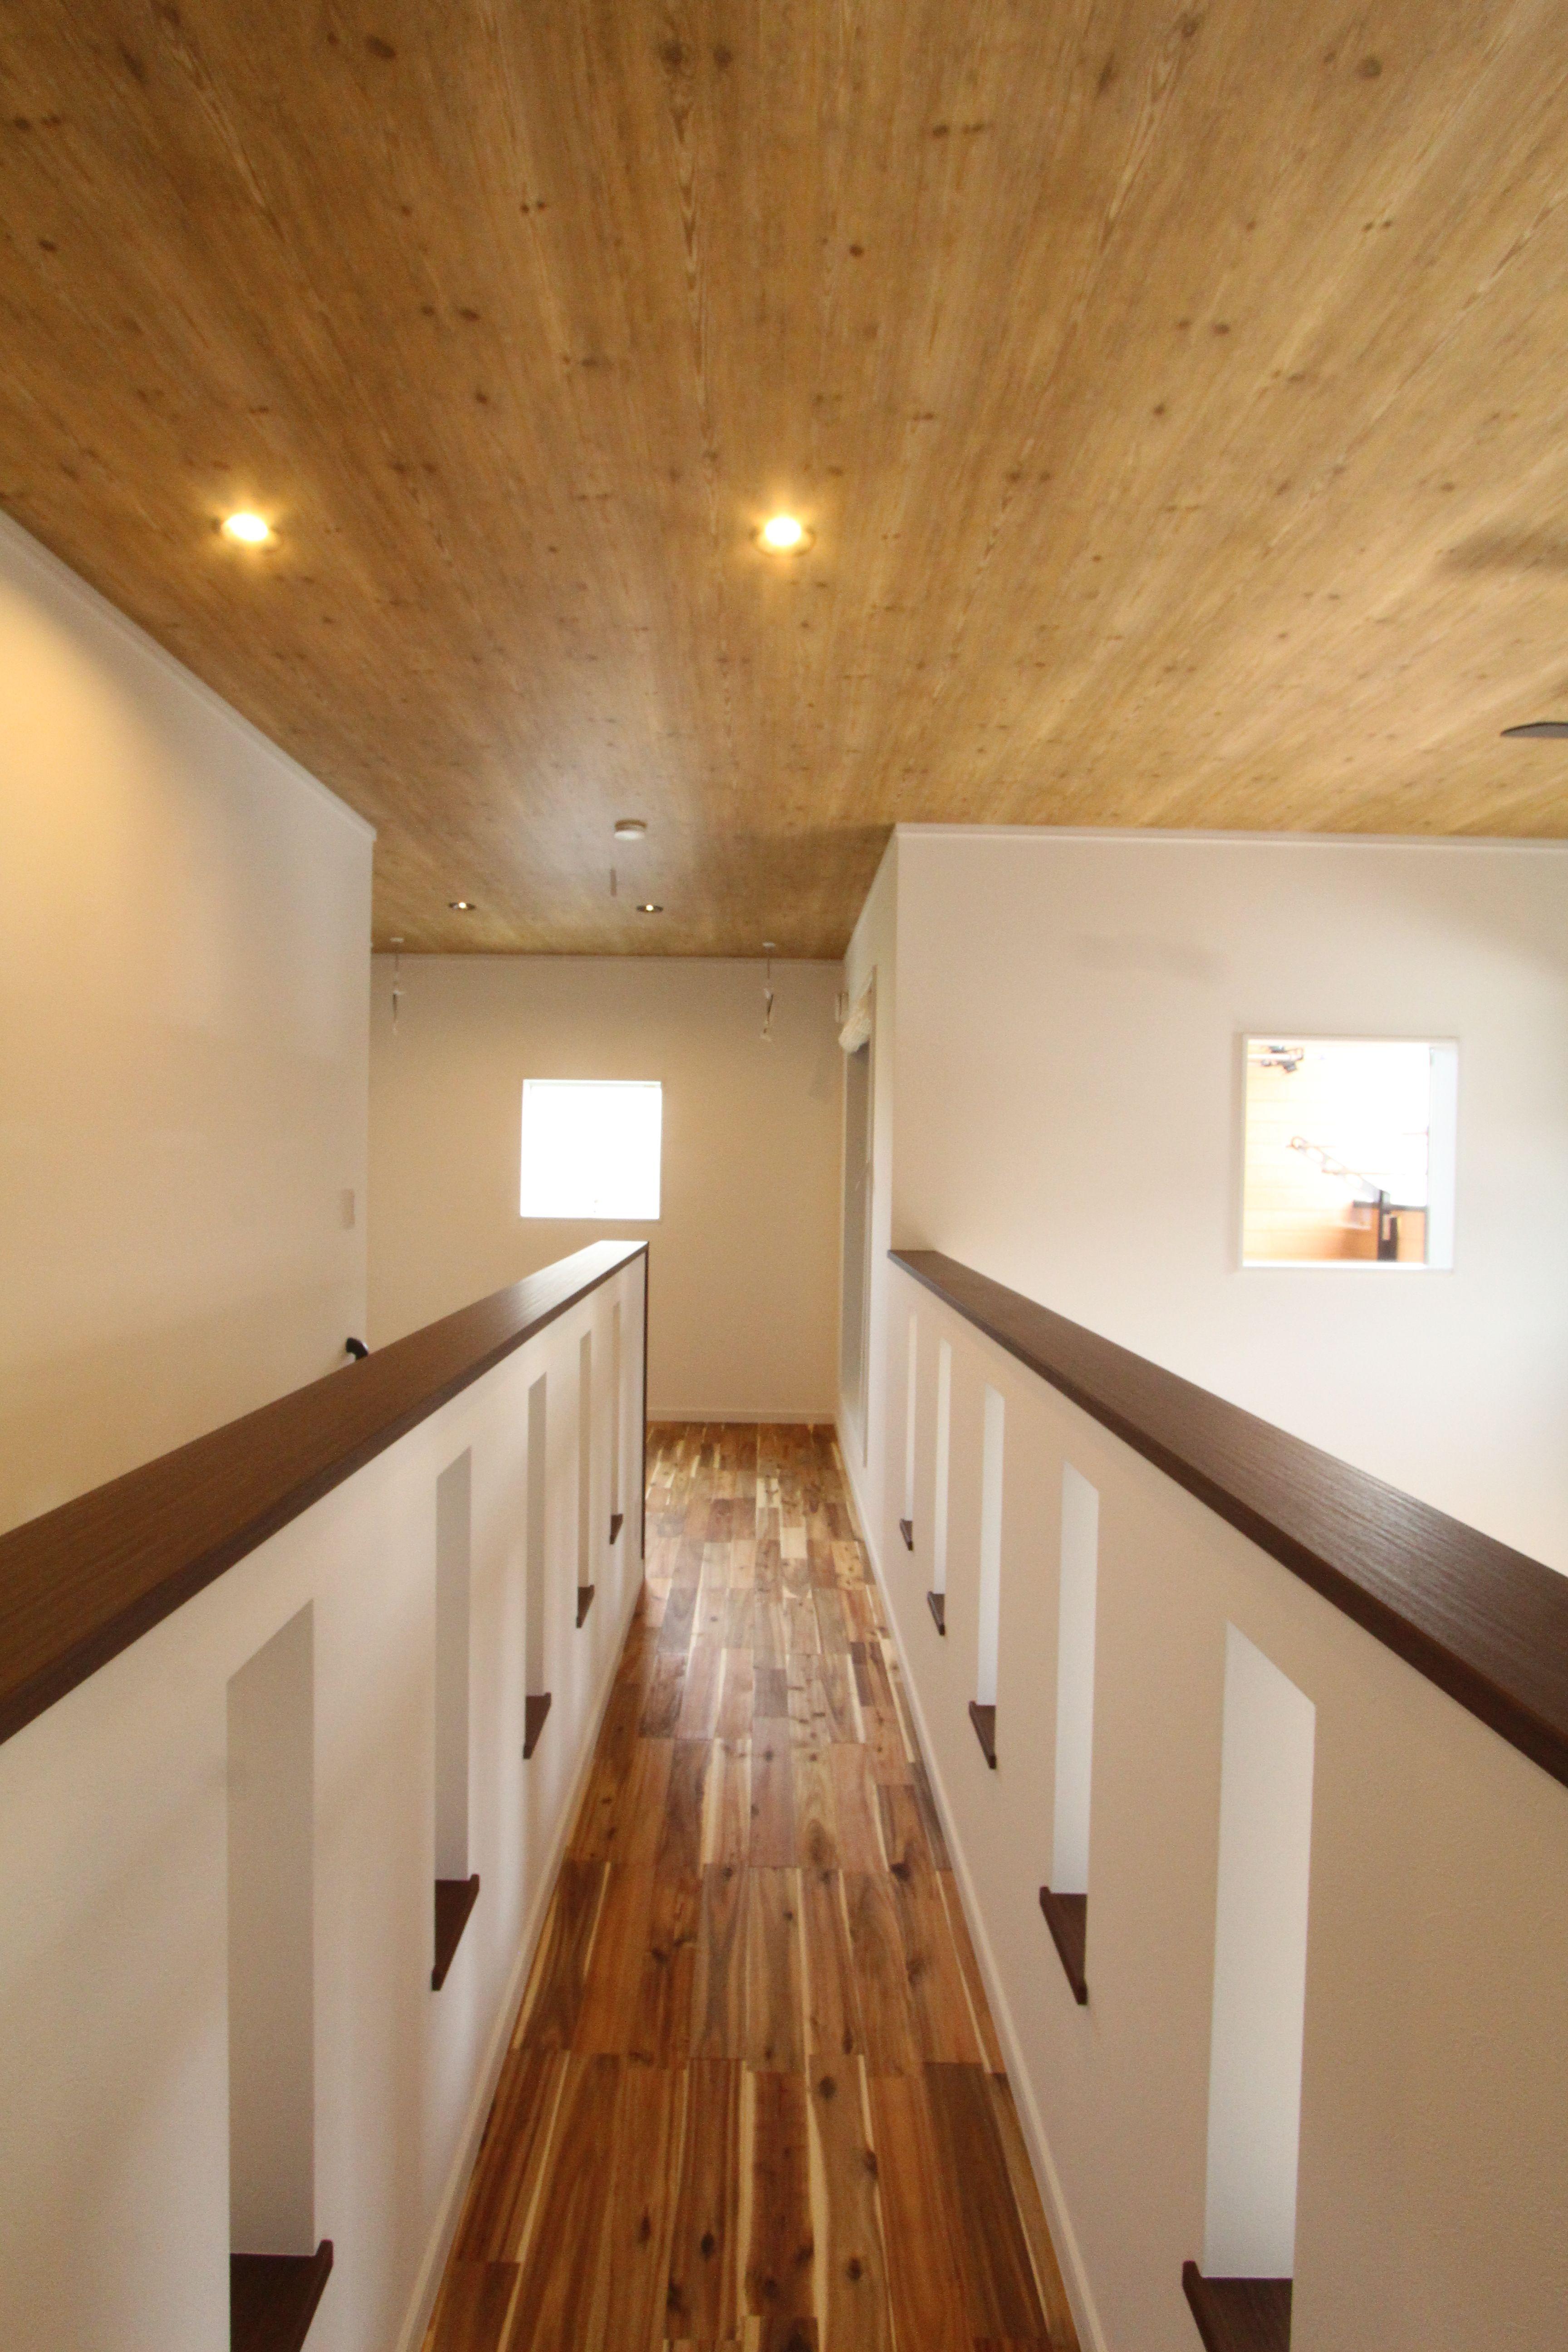 Bridge 室内ブリッジ 天井 壁紙 インテリア ブルー 家